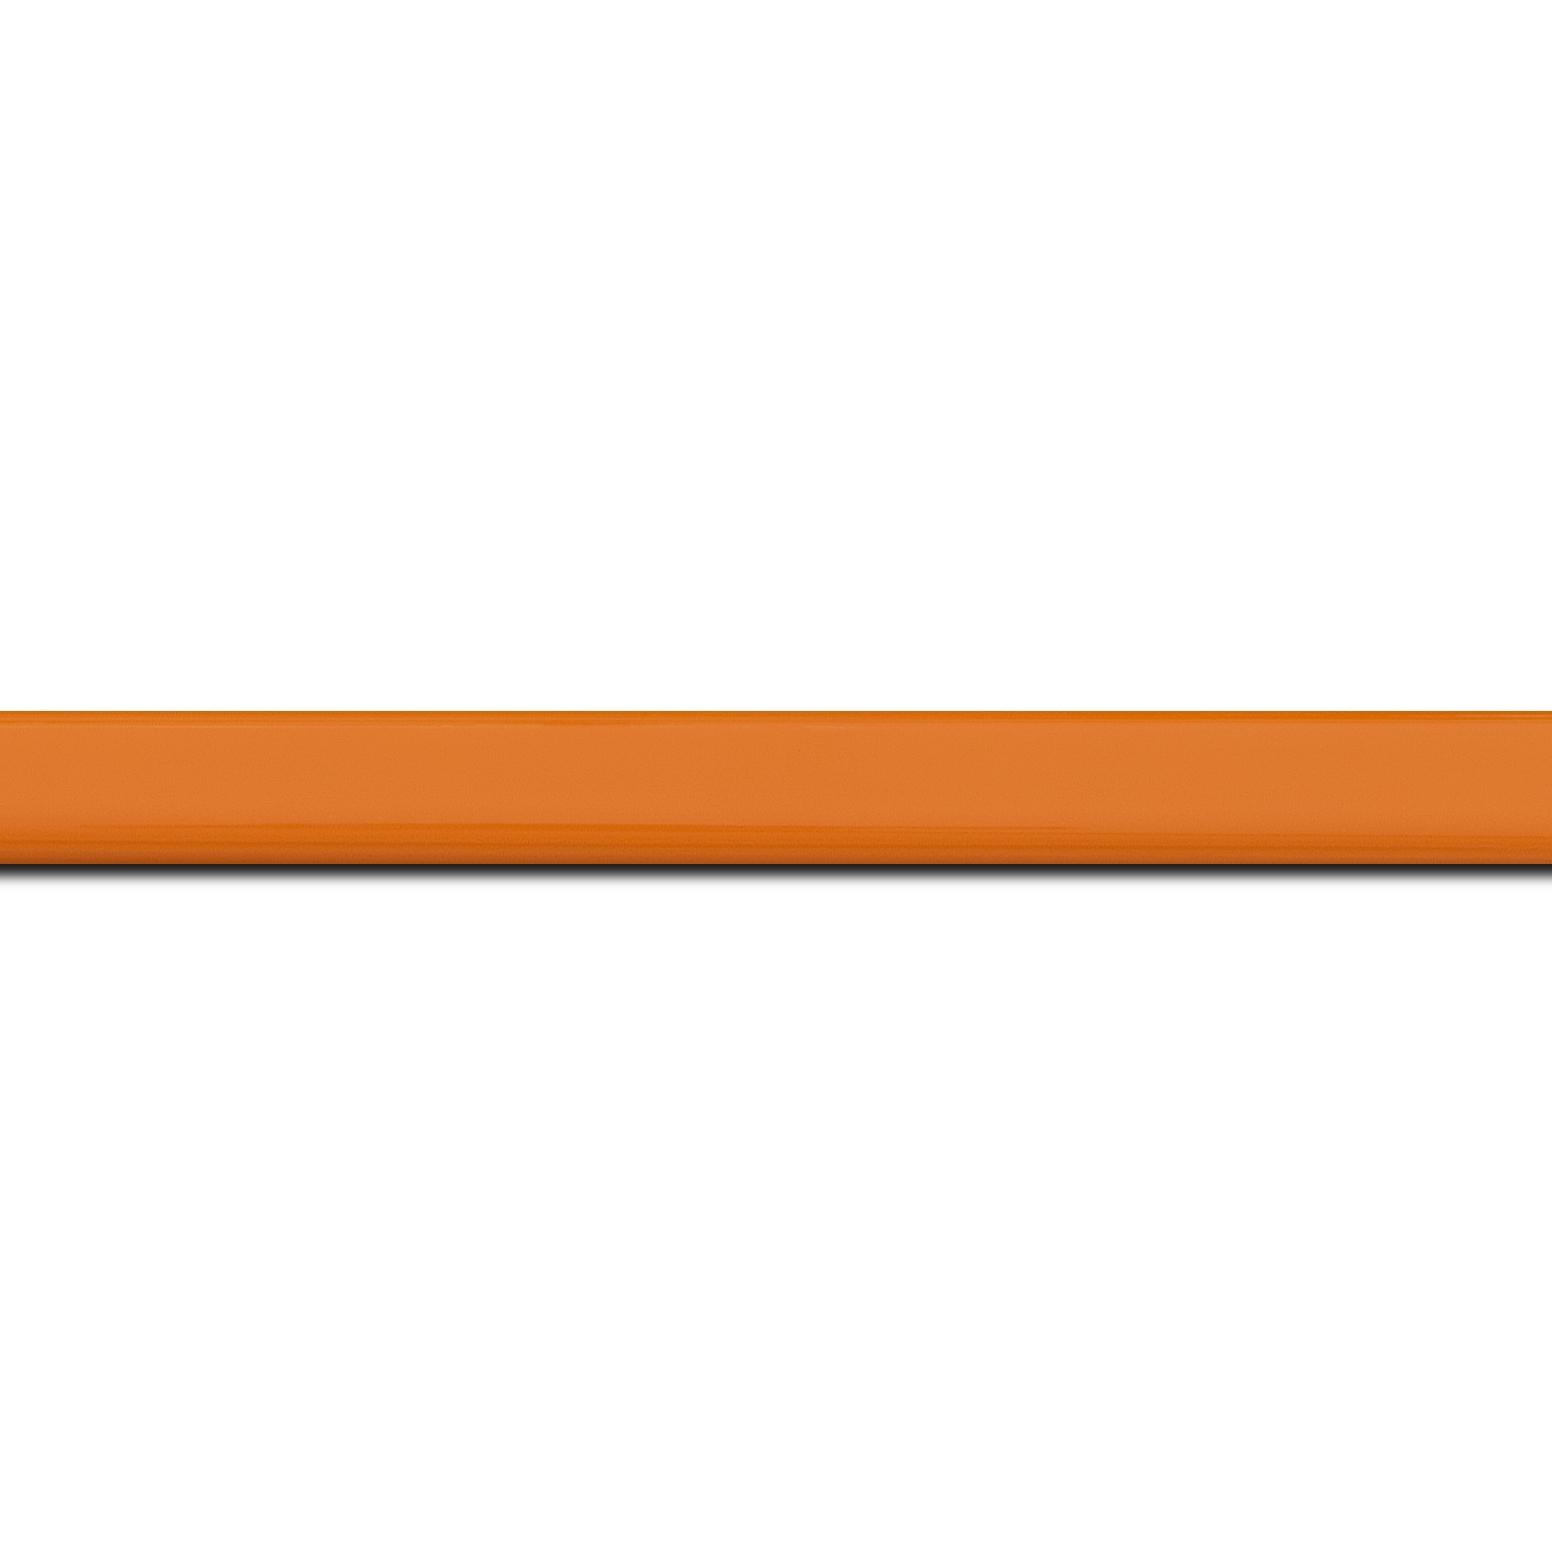 Baguette longueur 1.40m bois profil méplat largeur 1.4cm couleur orange laqué